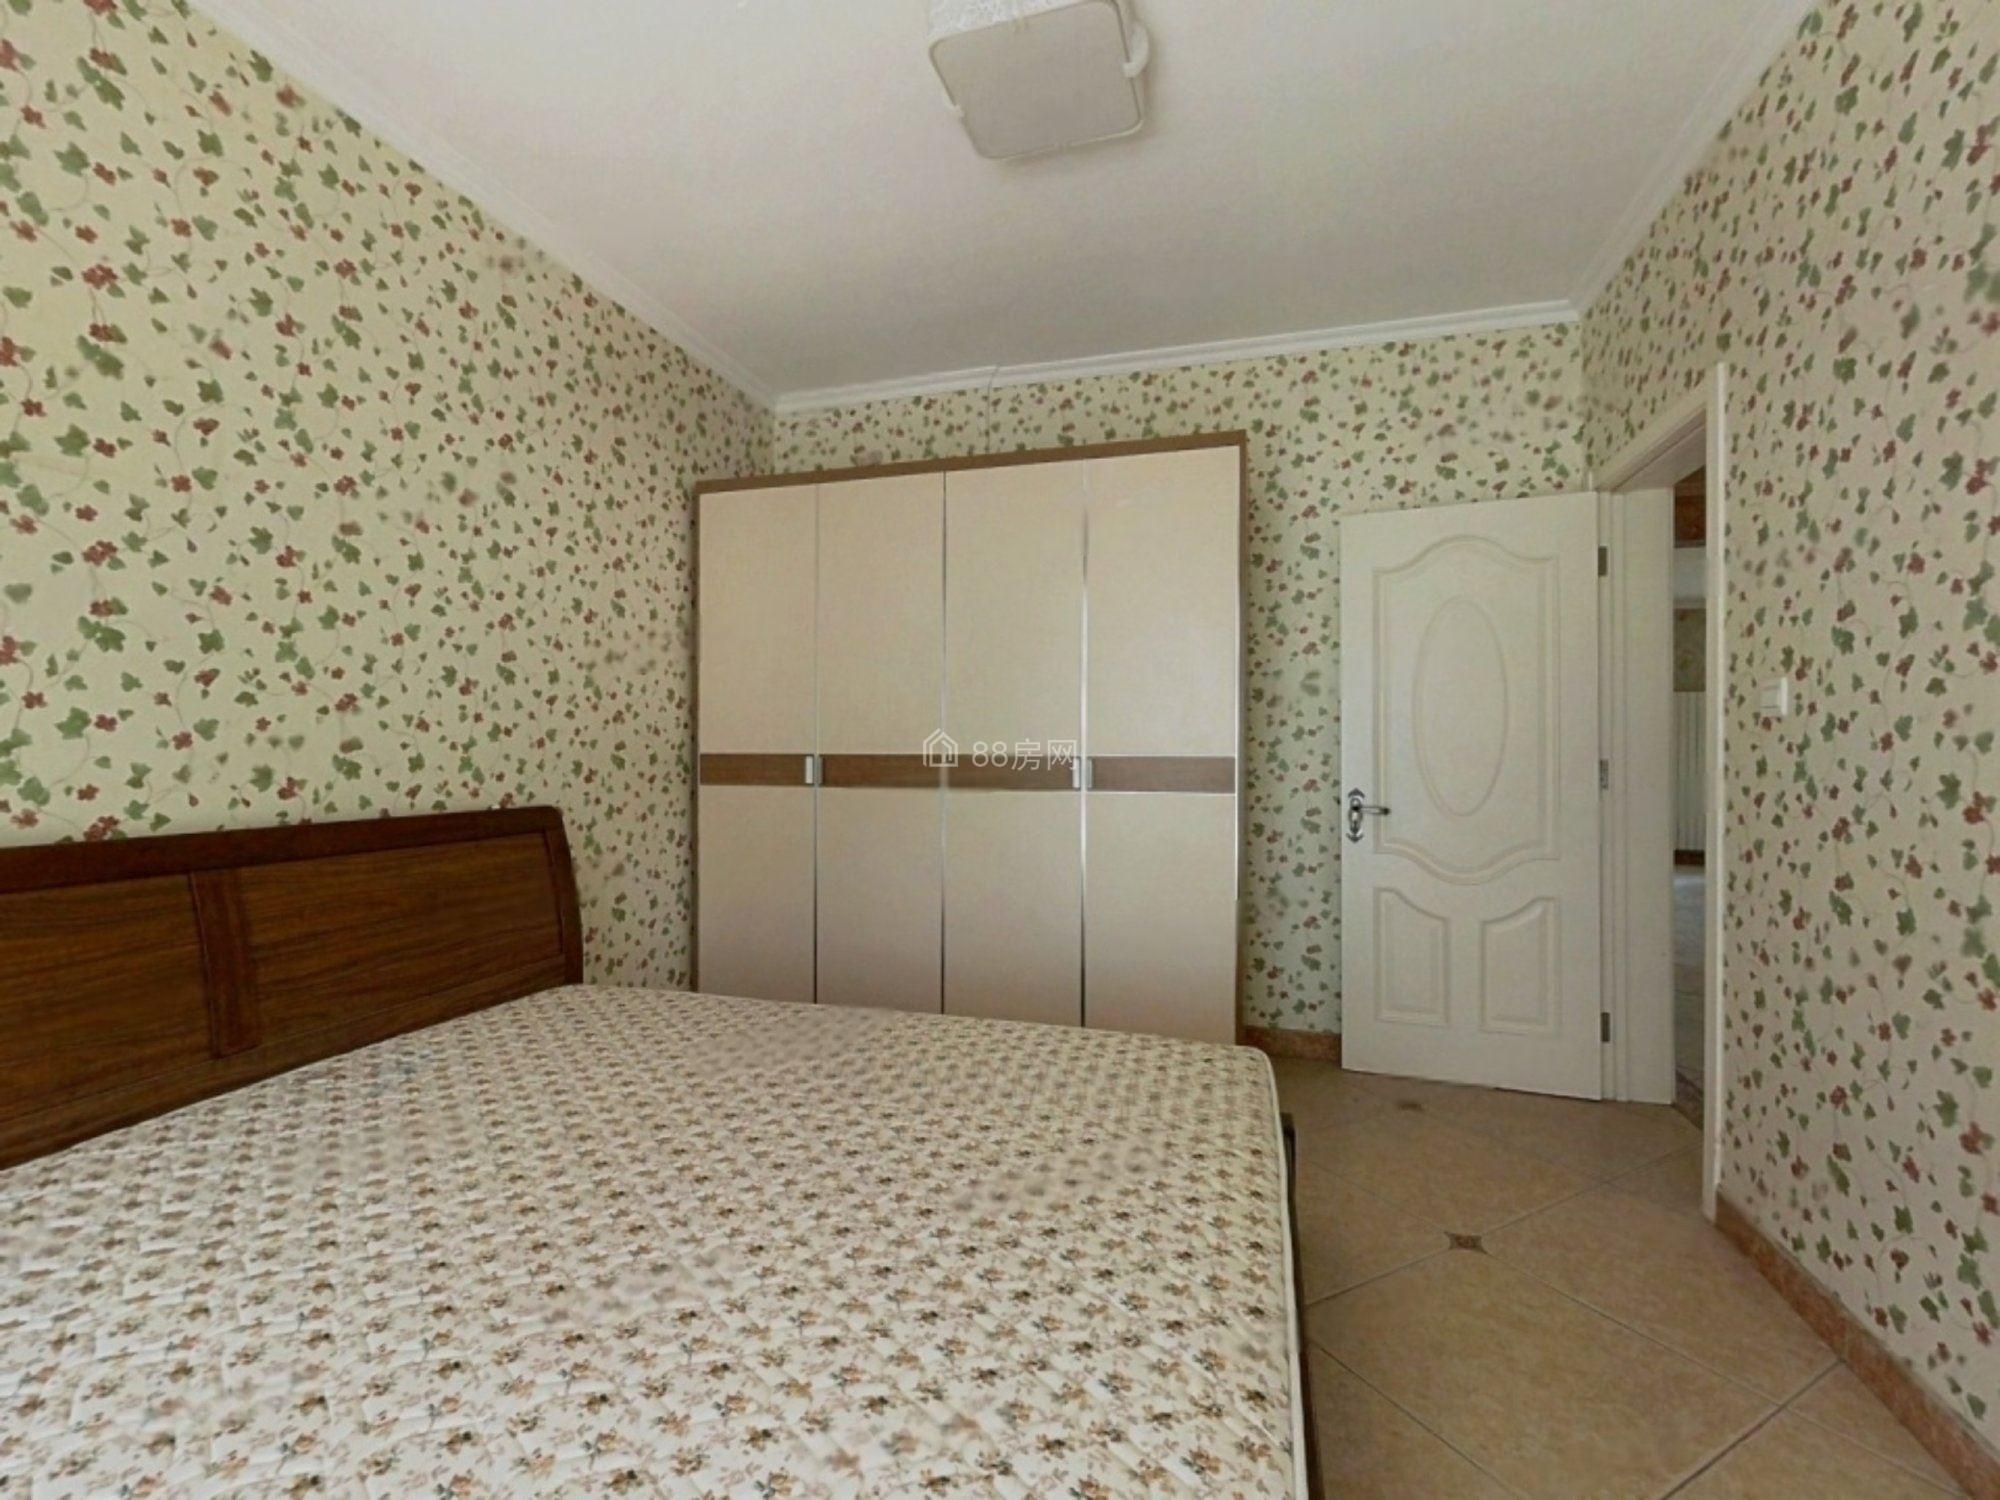 银丰花园精装修装修全明3房,位置安静,前后无遮挡,家电家具全